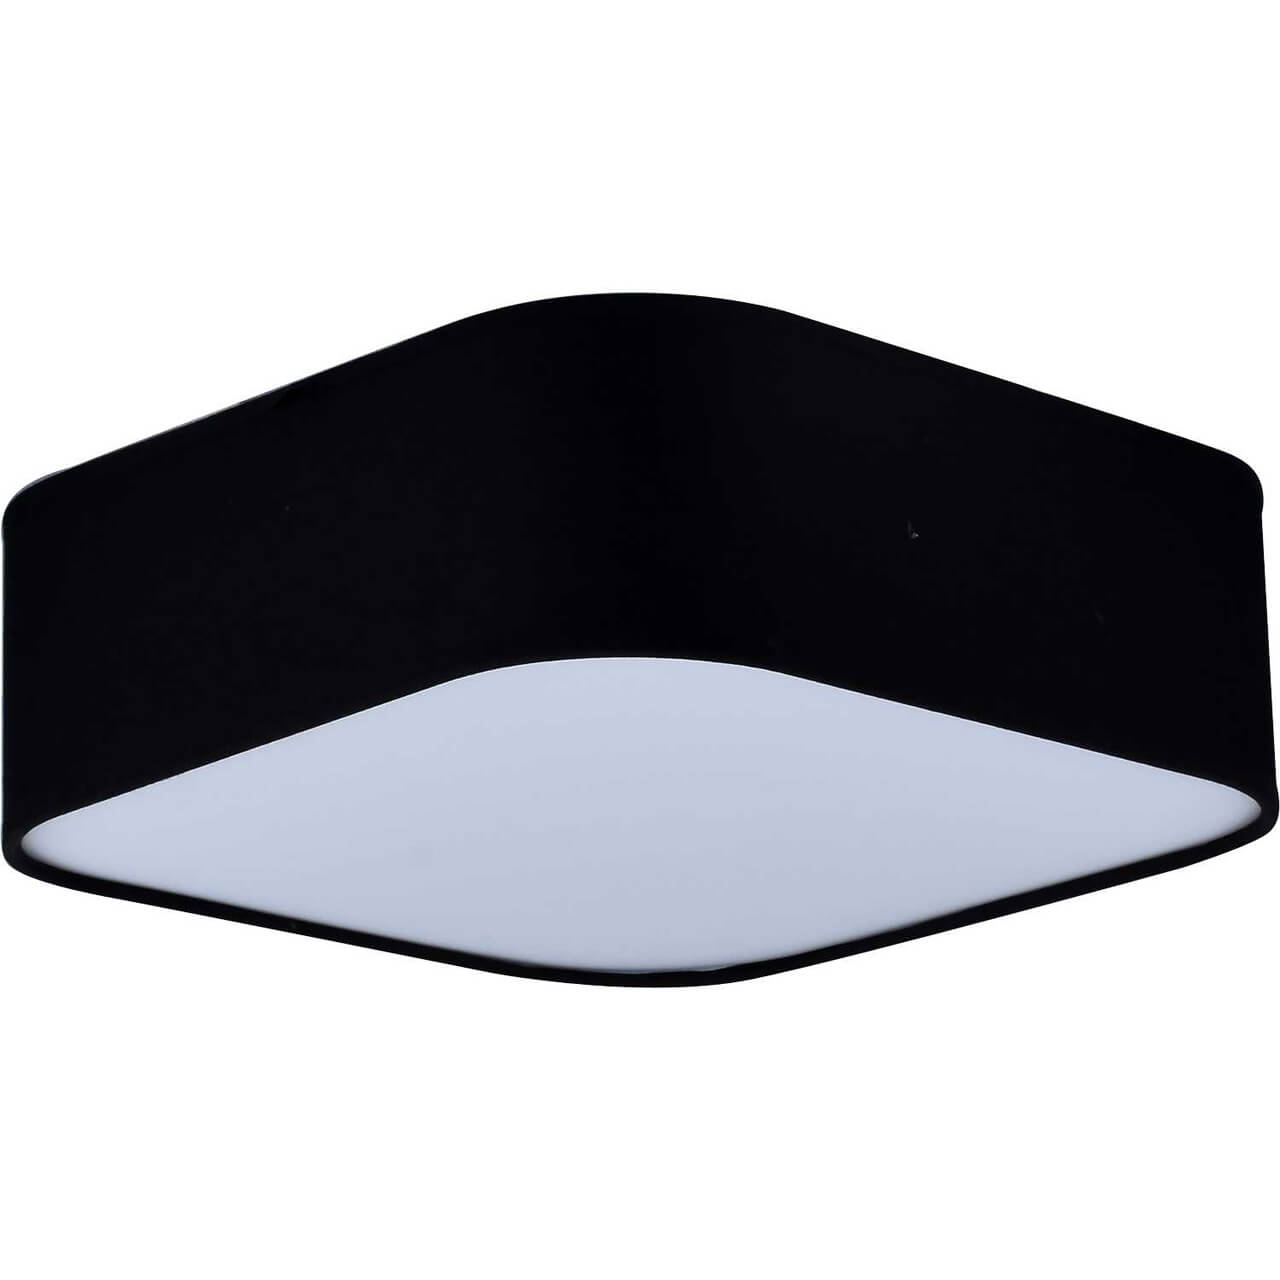 Фото - Светильник Stilfort 2061/02/02C Hotel светильник потолочный stilfort vekta 2022 02 02c 40w ip20